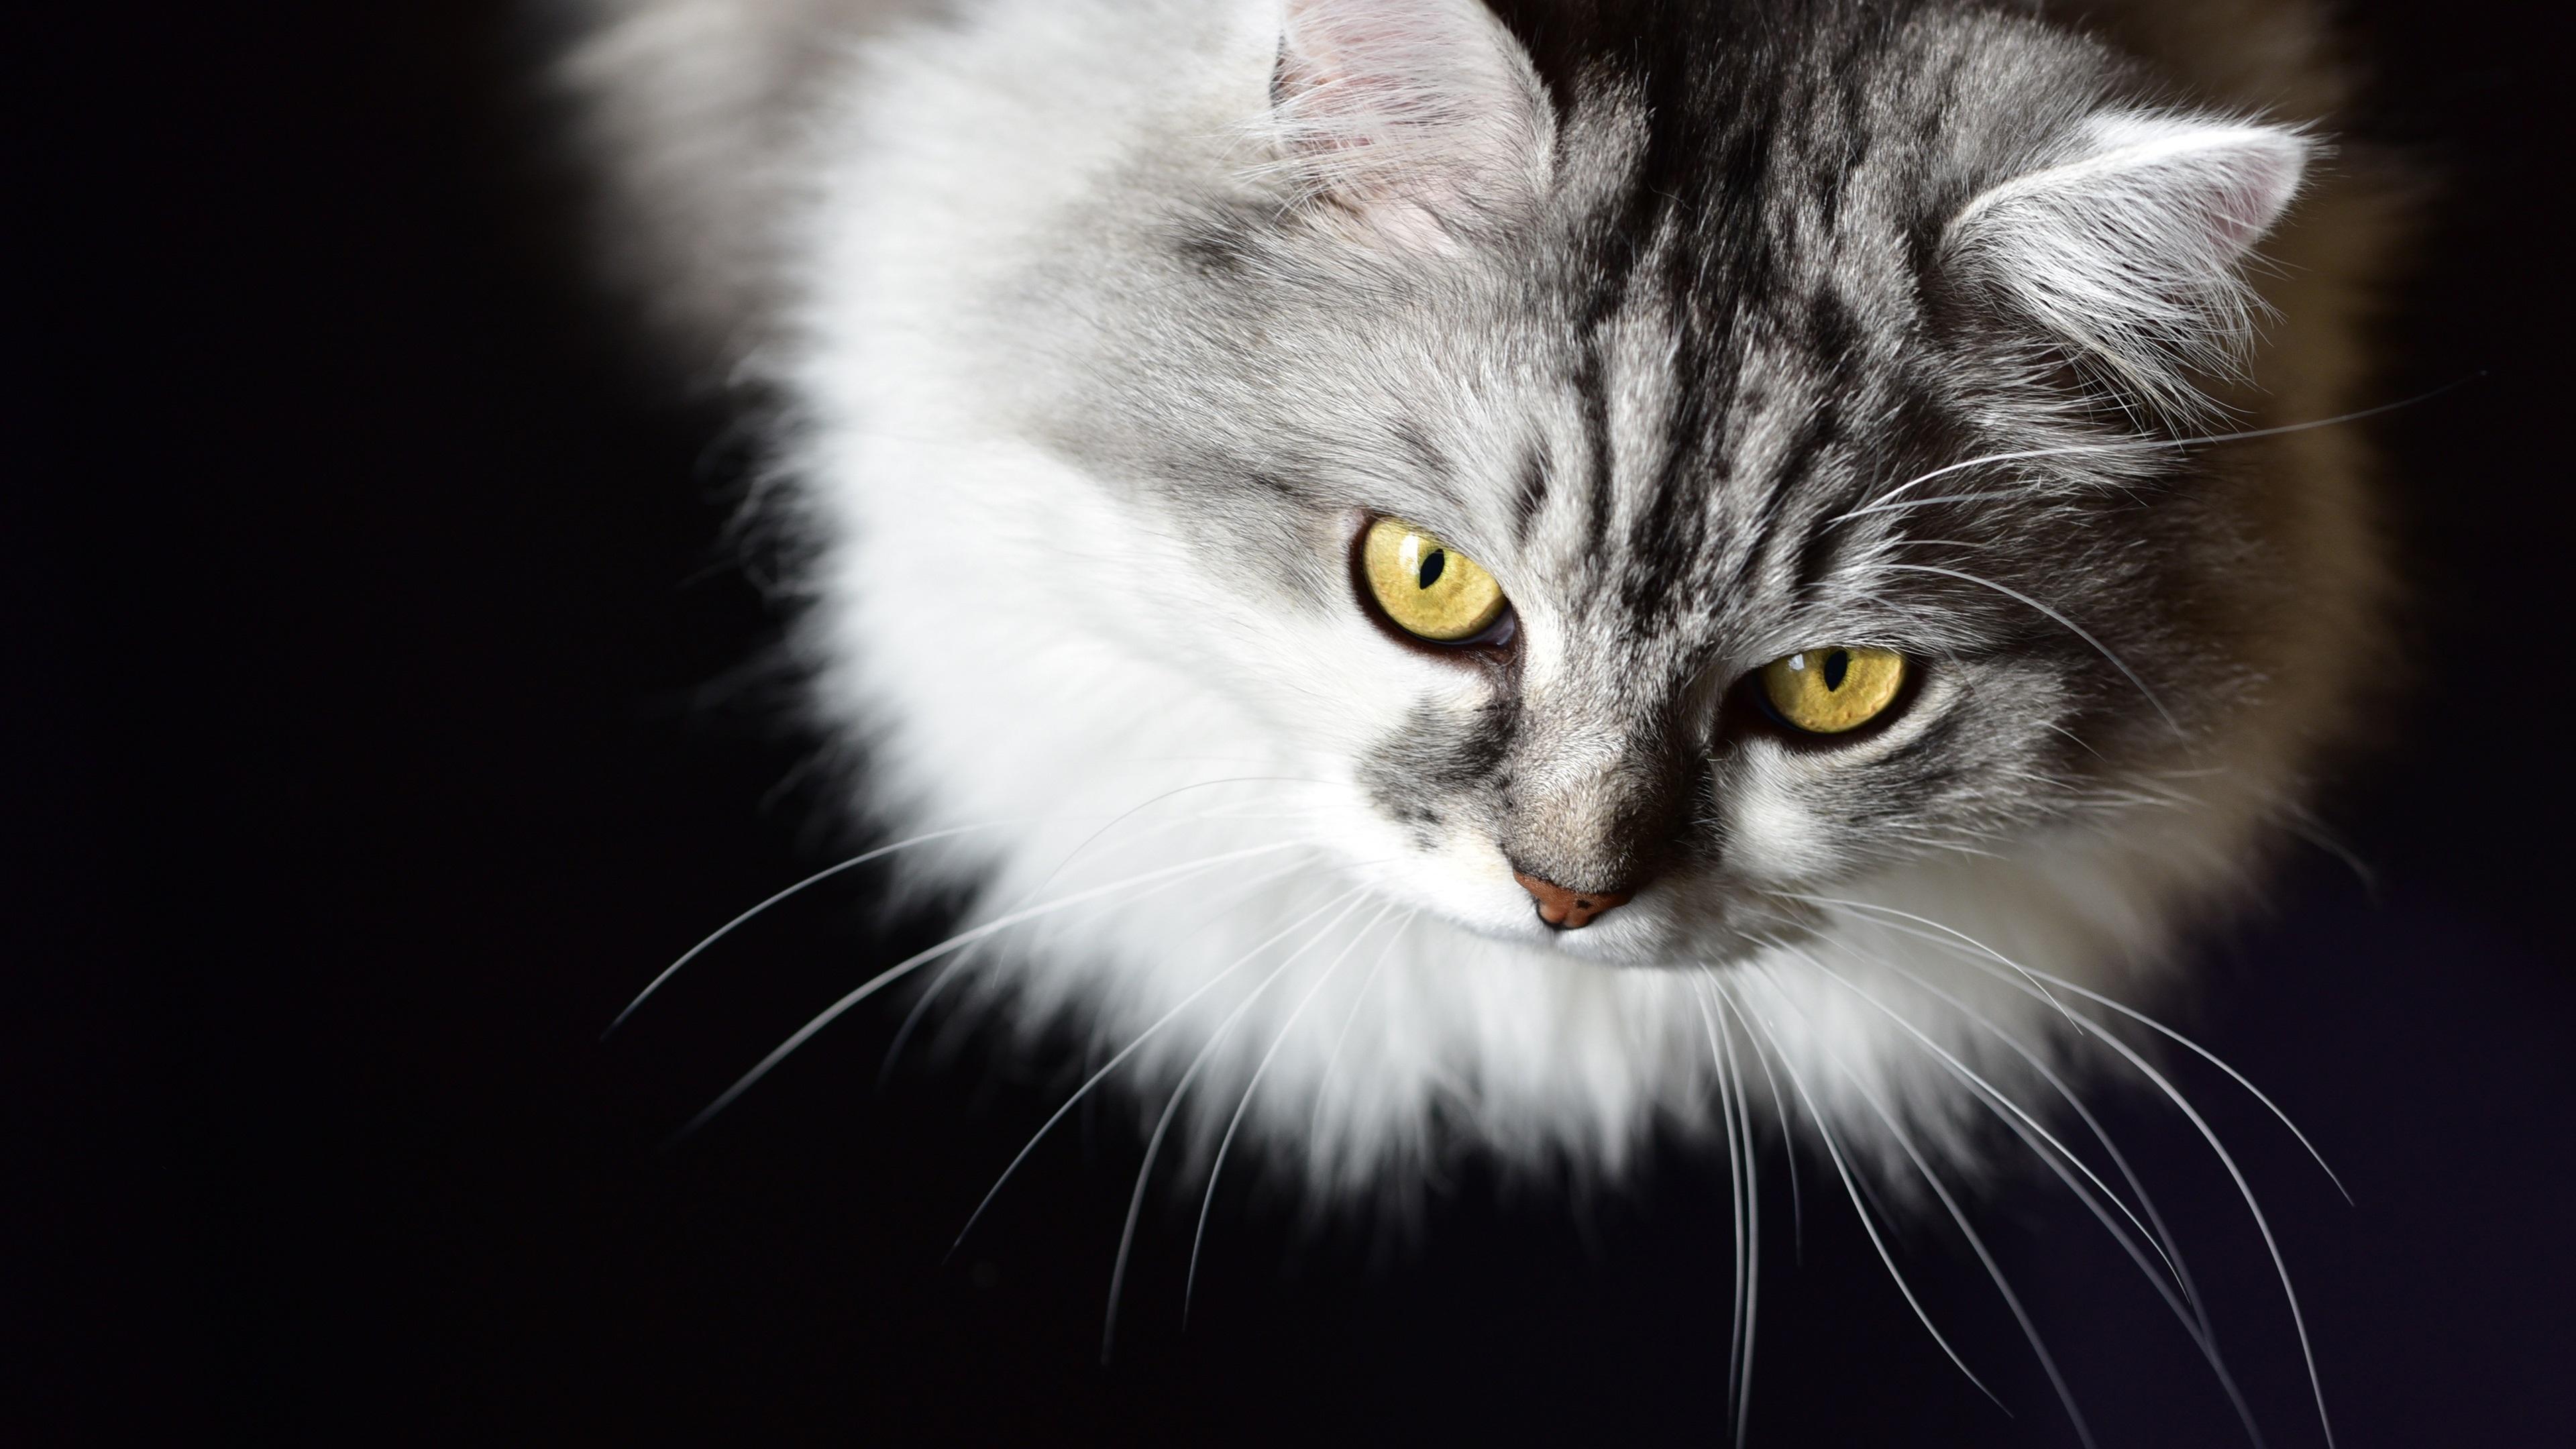 kitten wallpaper free